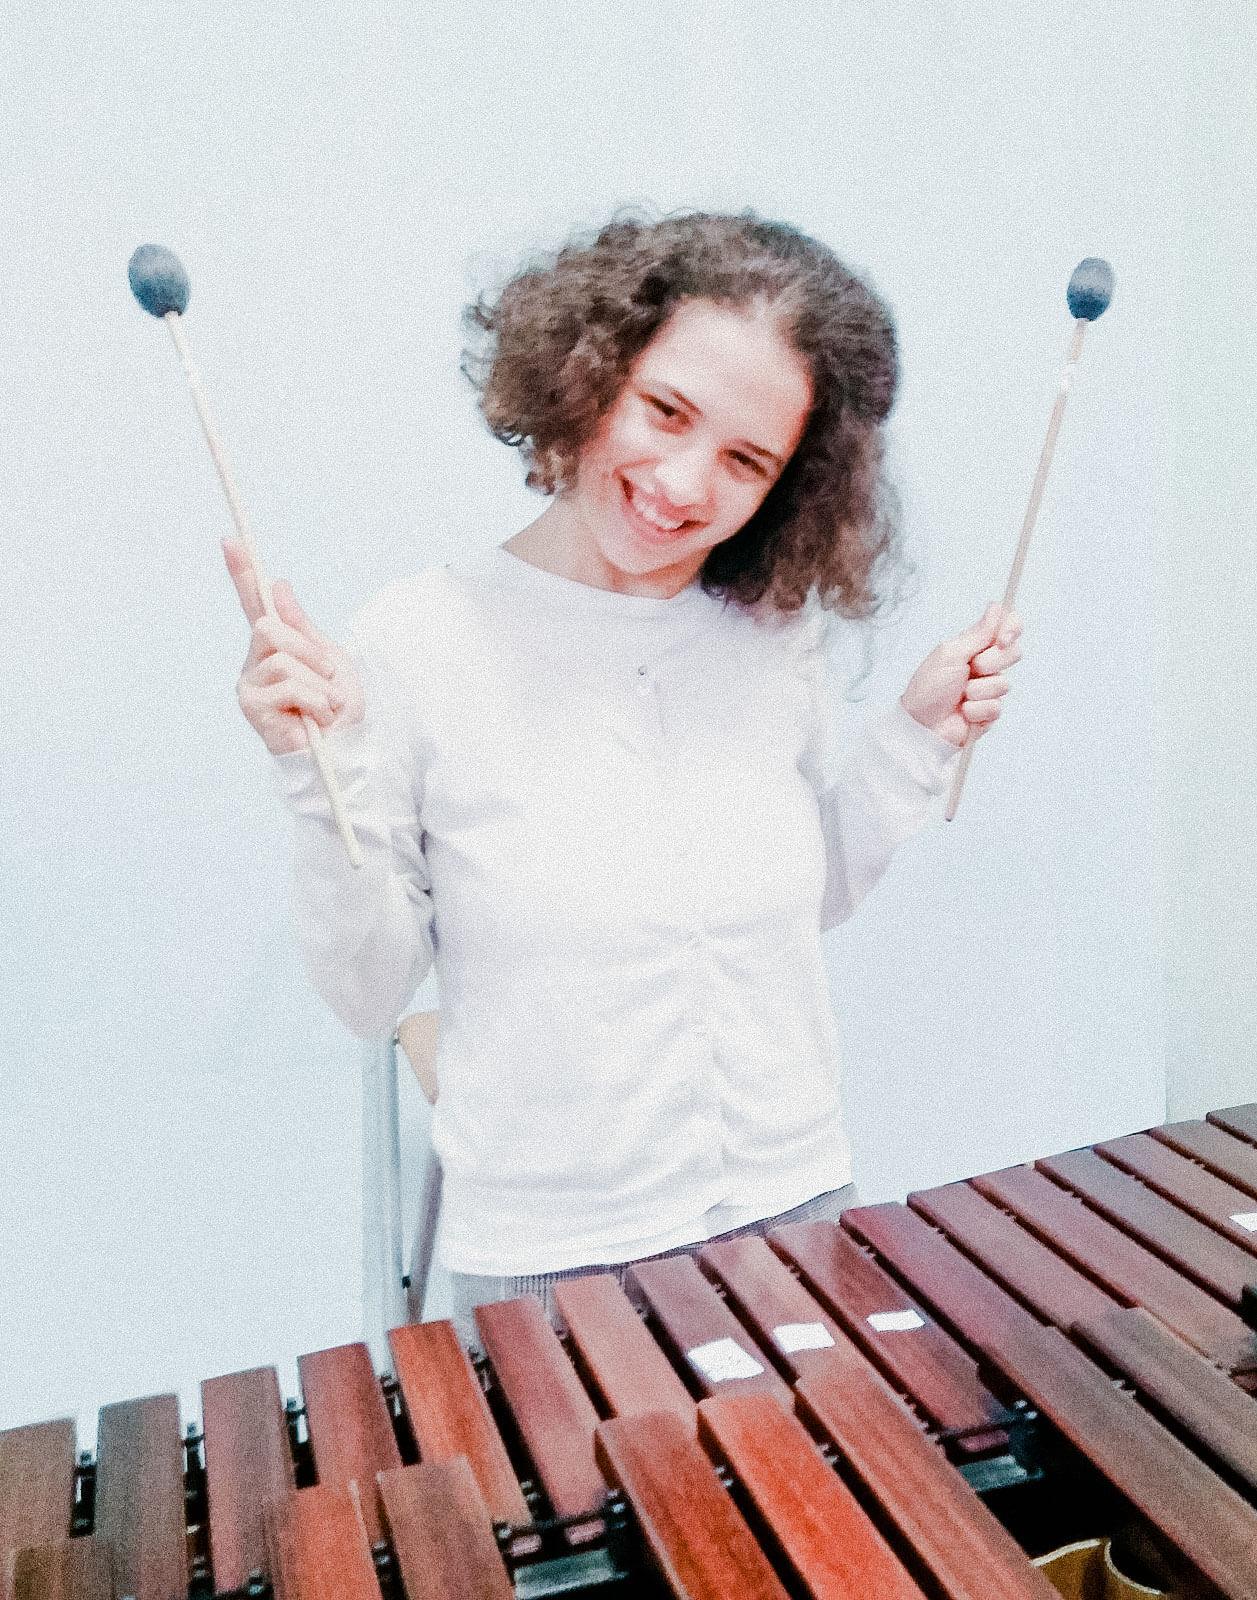 Maria Carfora